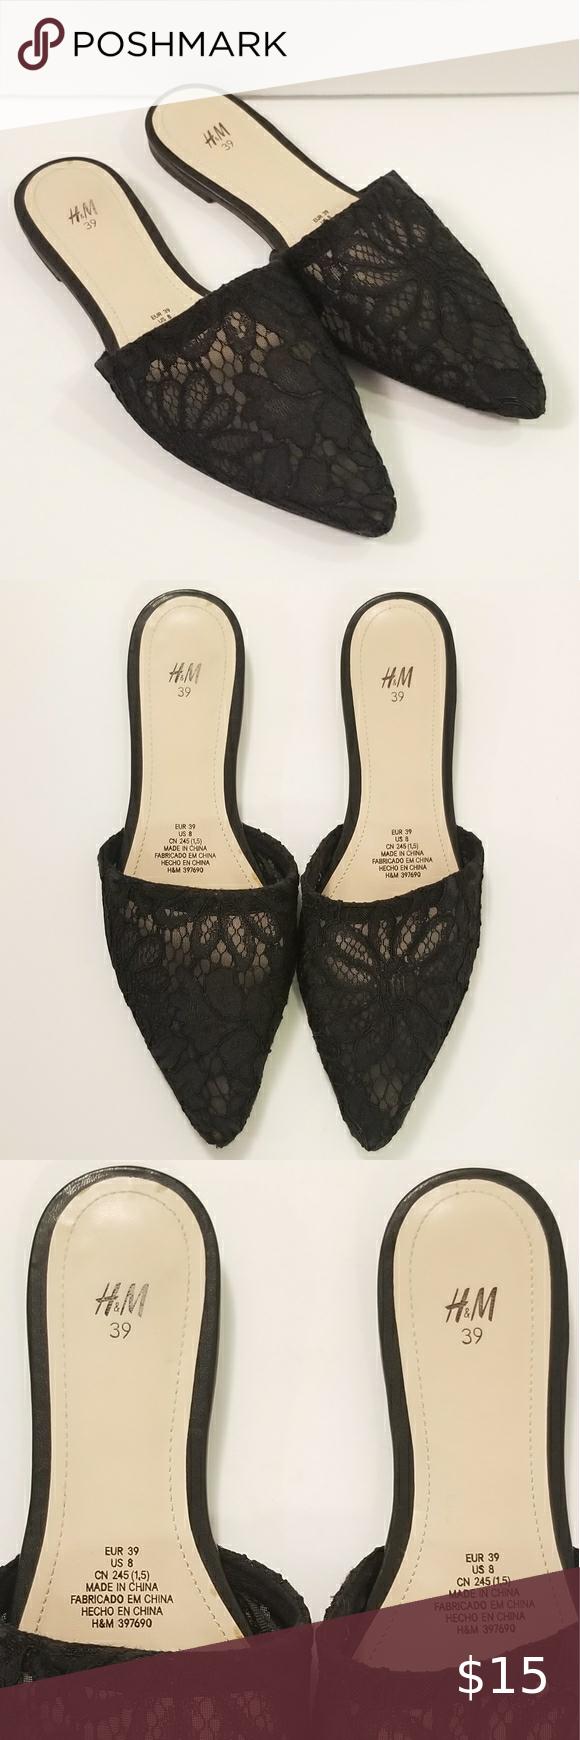 H M Black Slides In 2020 H M Shoes Black H M